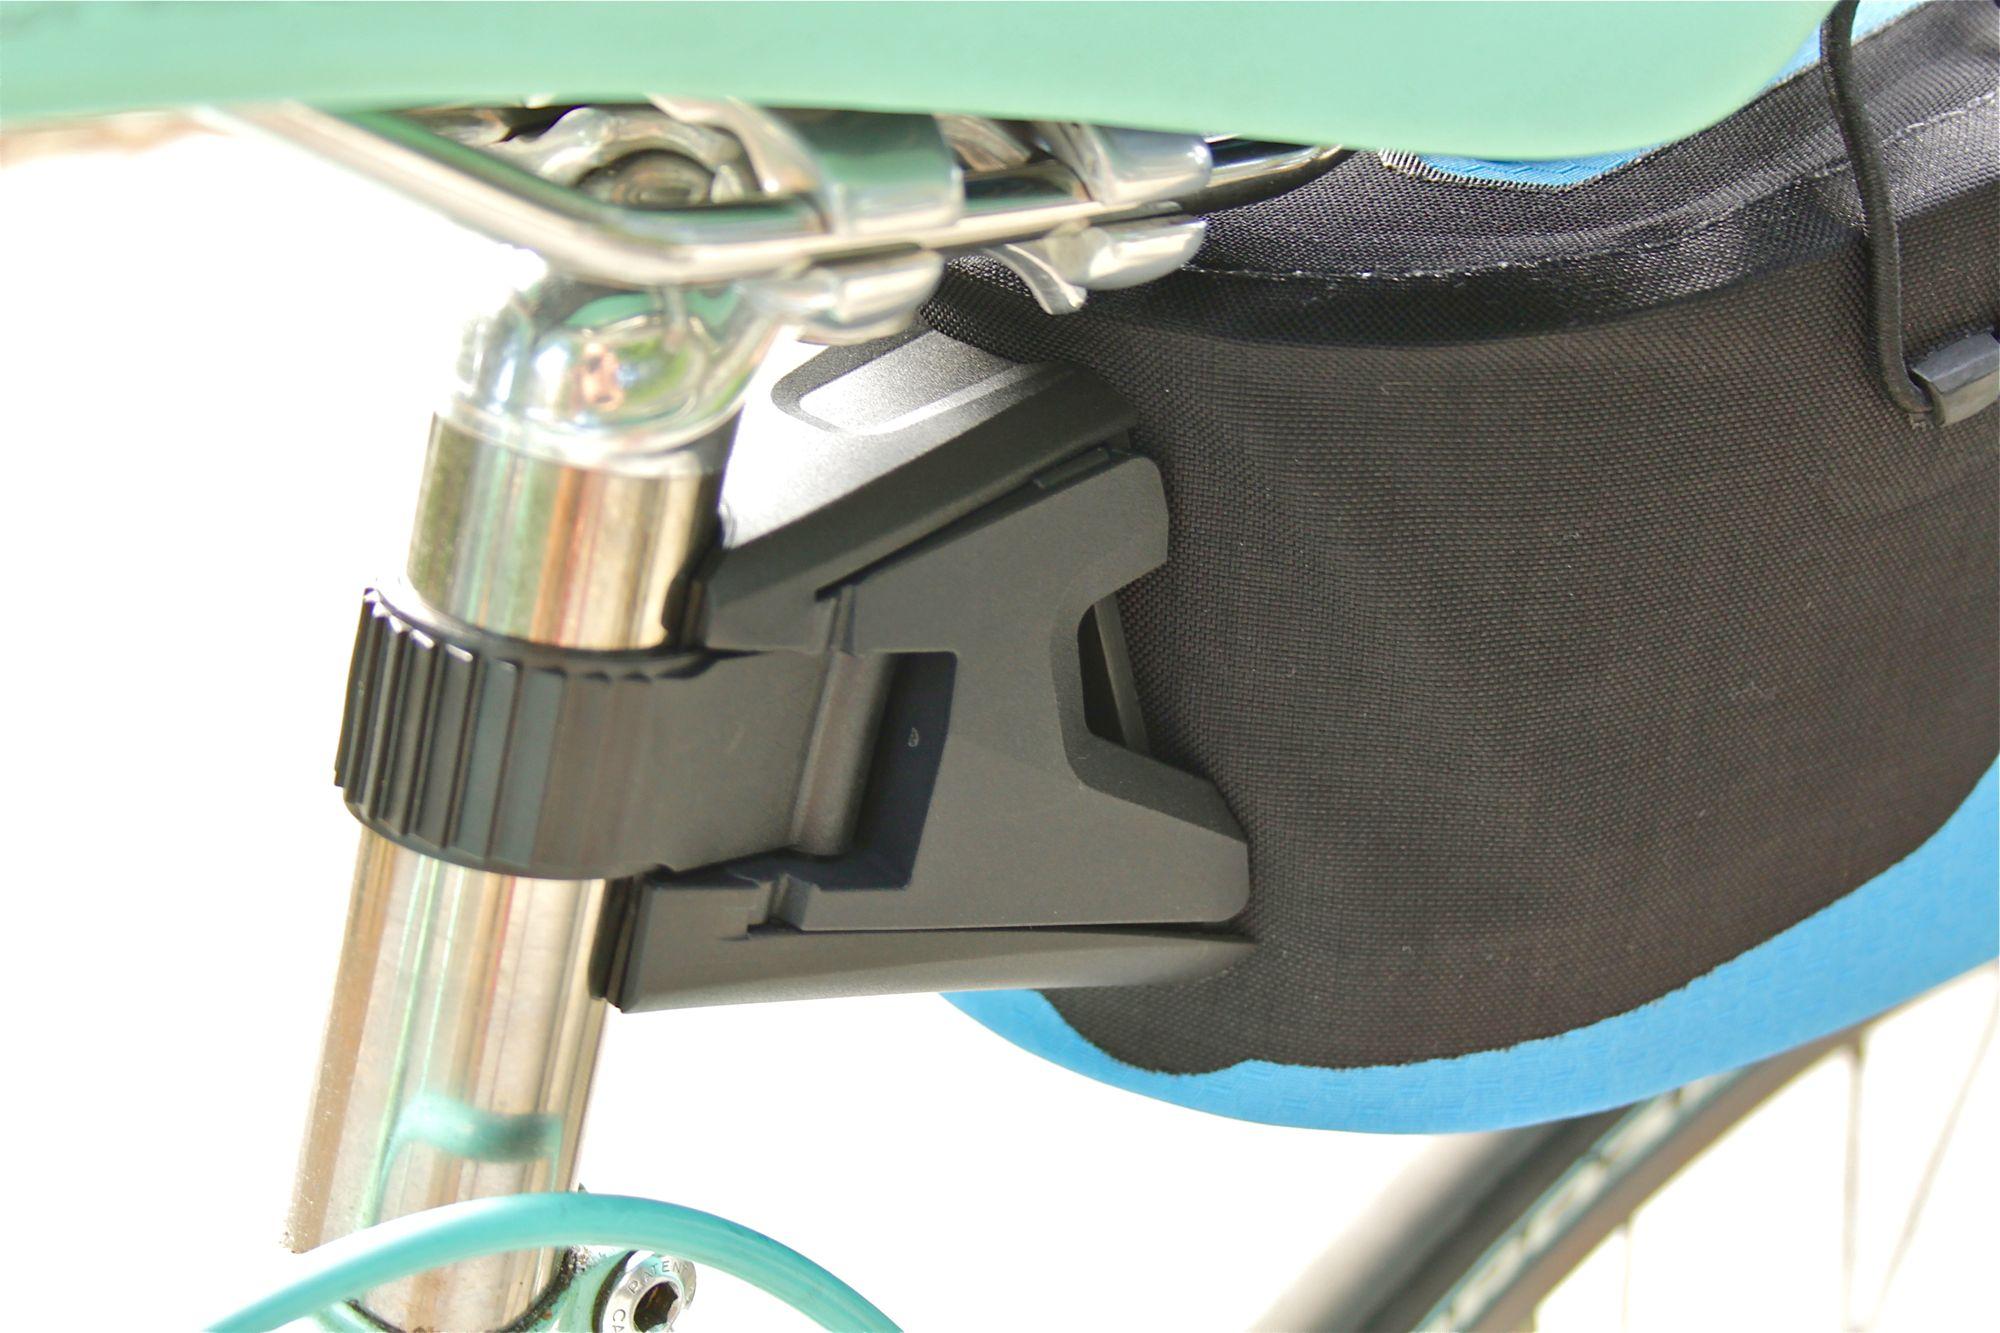 Ortlieb saddle clamp